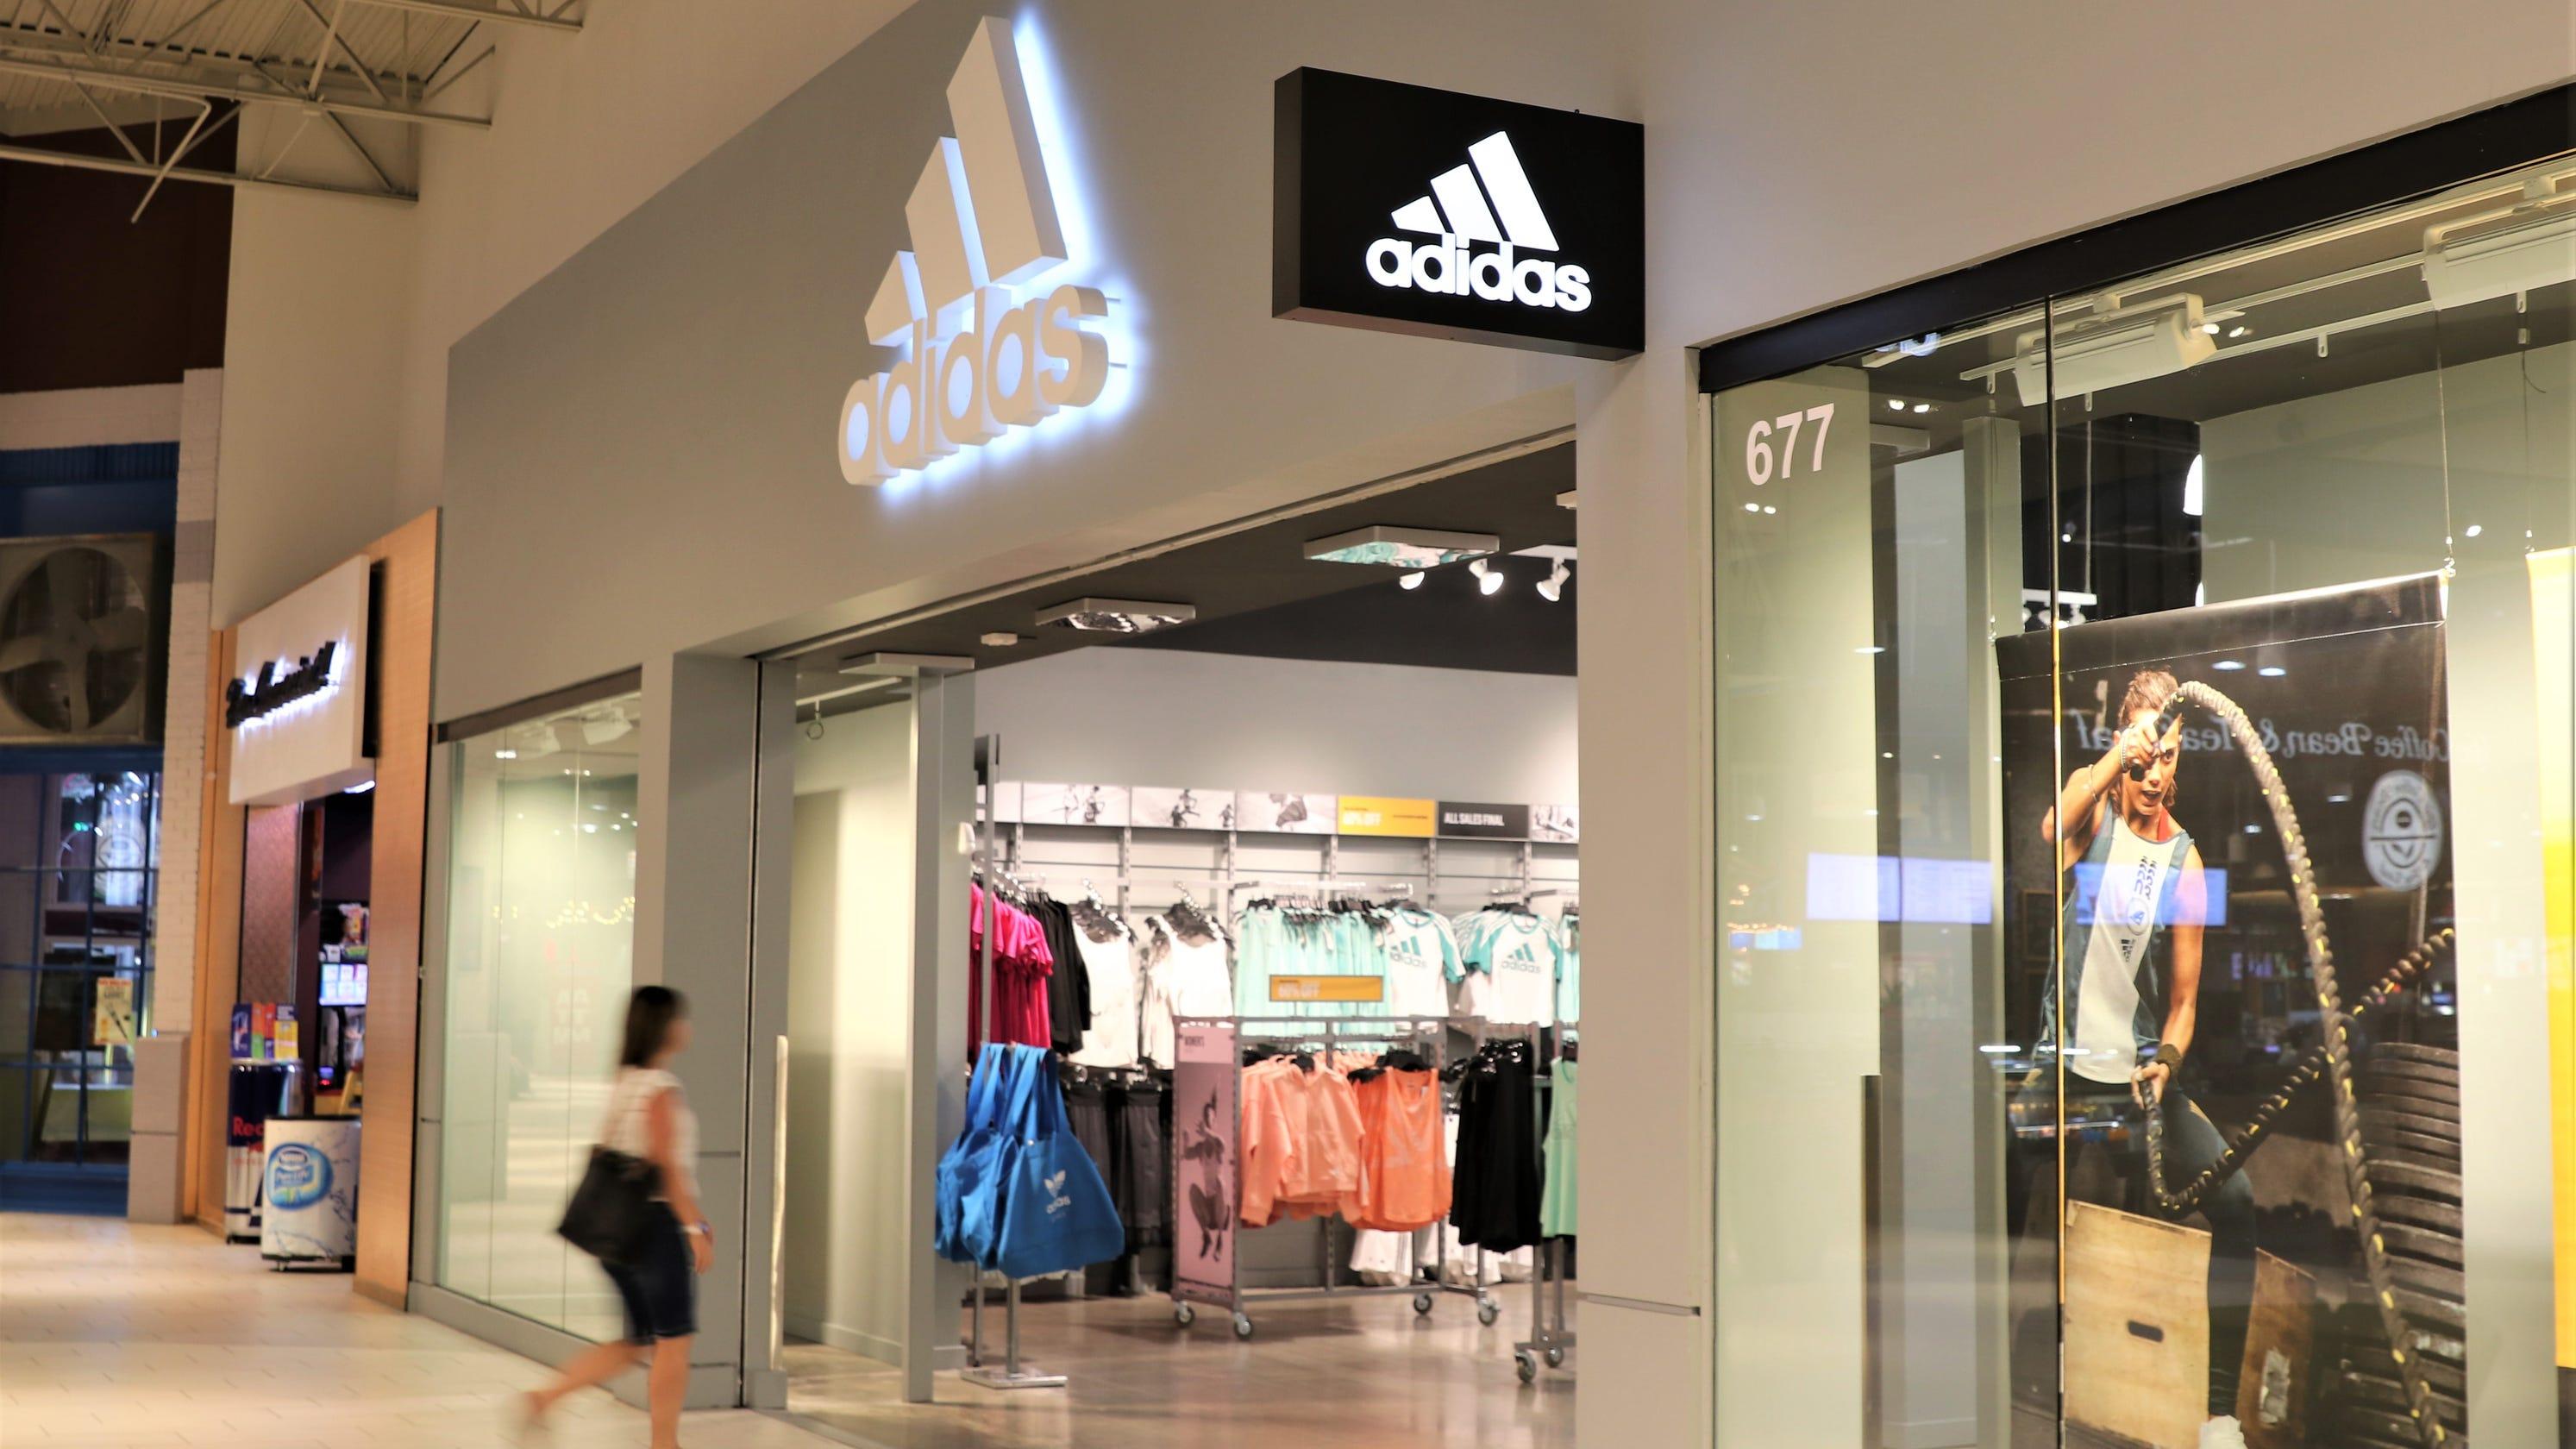 baratas para la venta clientes primero bonita y colorida Adidas adds clearance store at Arizona Mills in Tempe